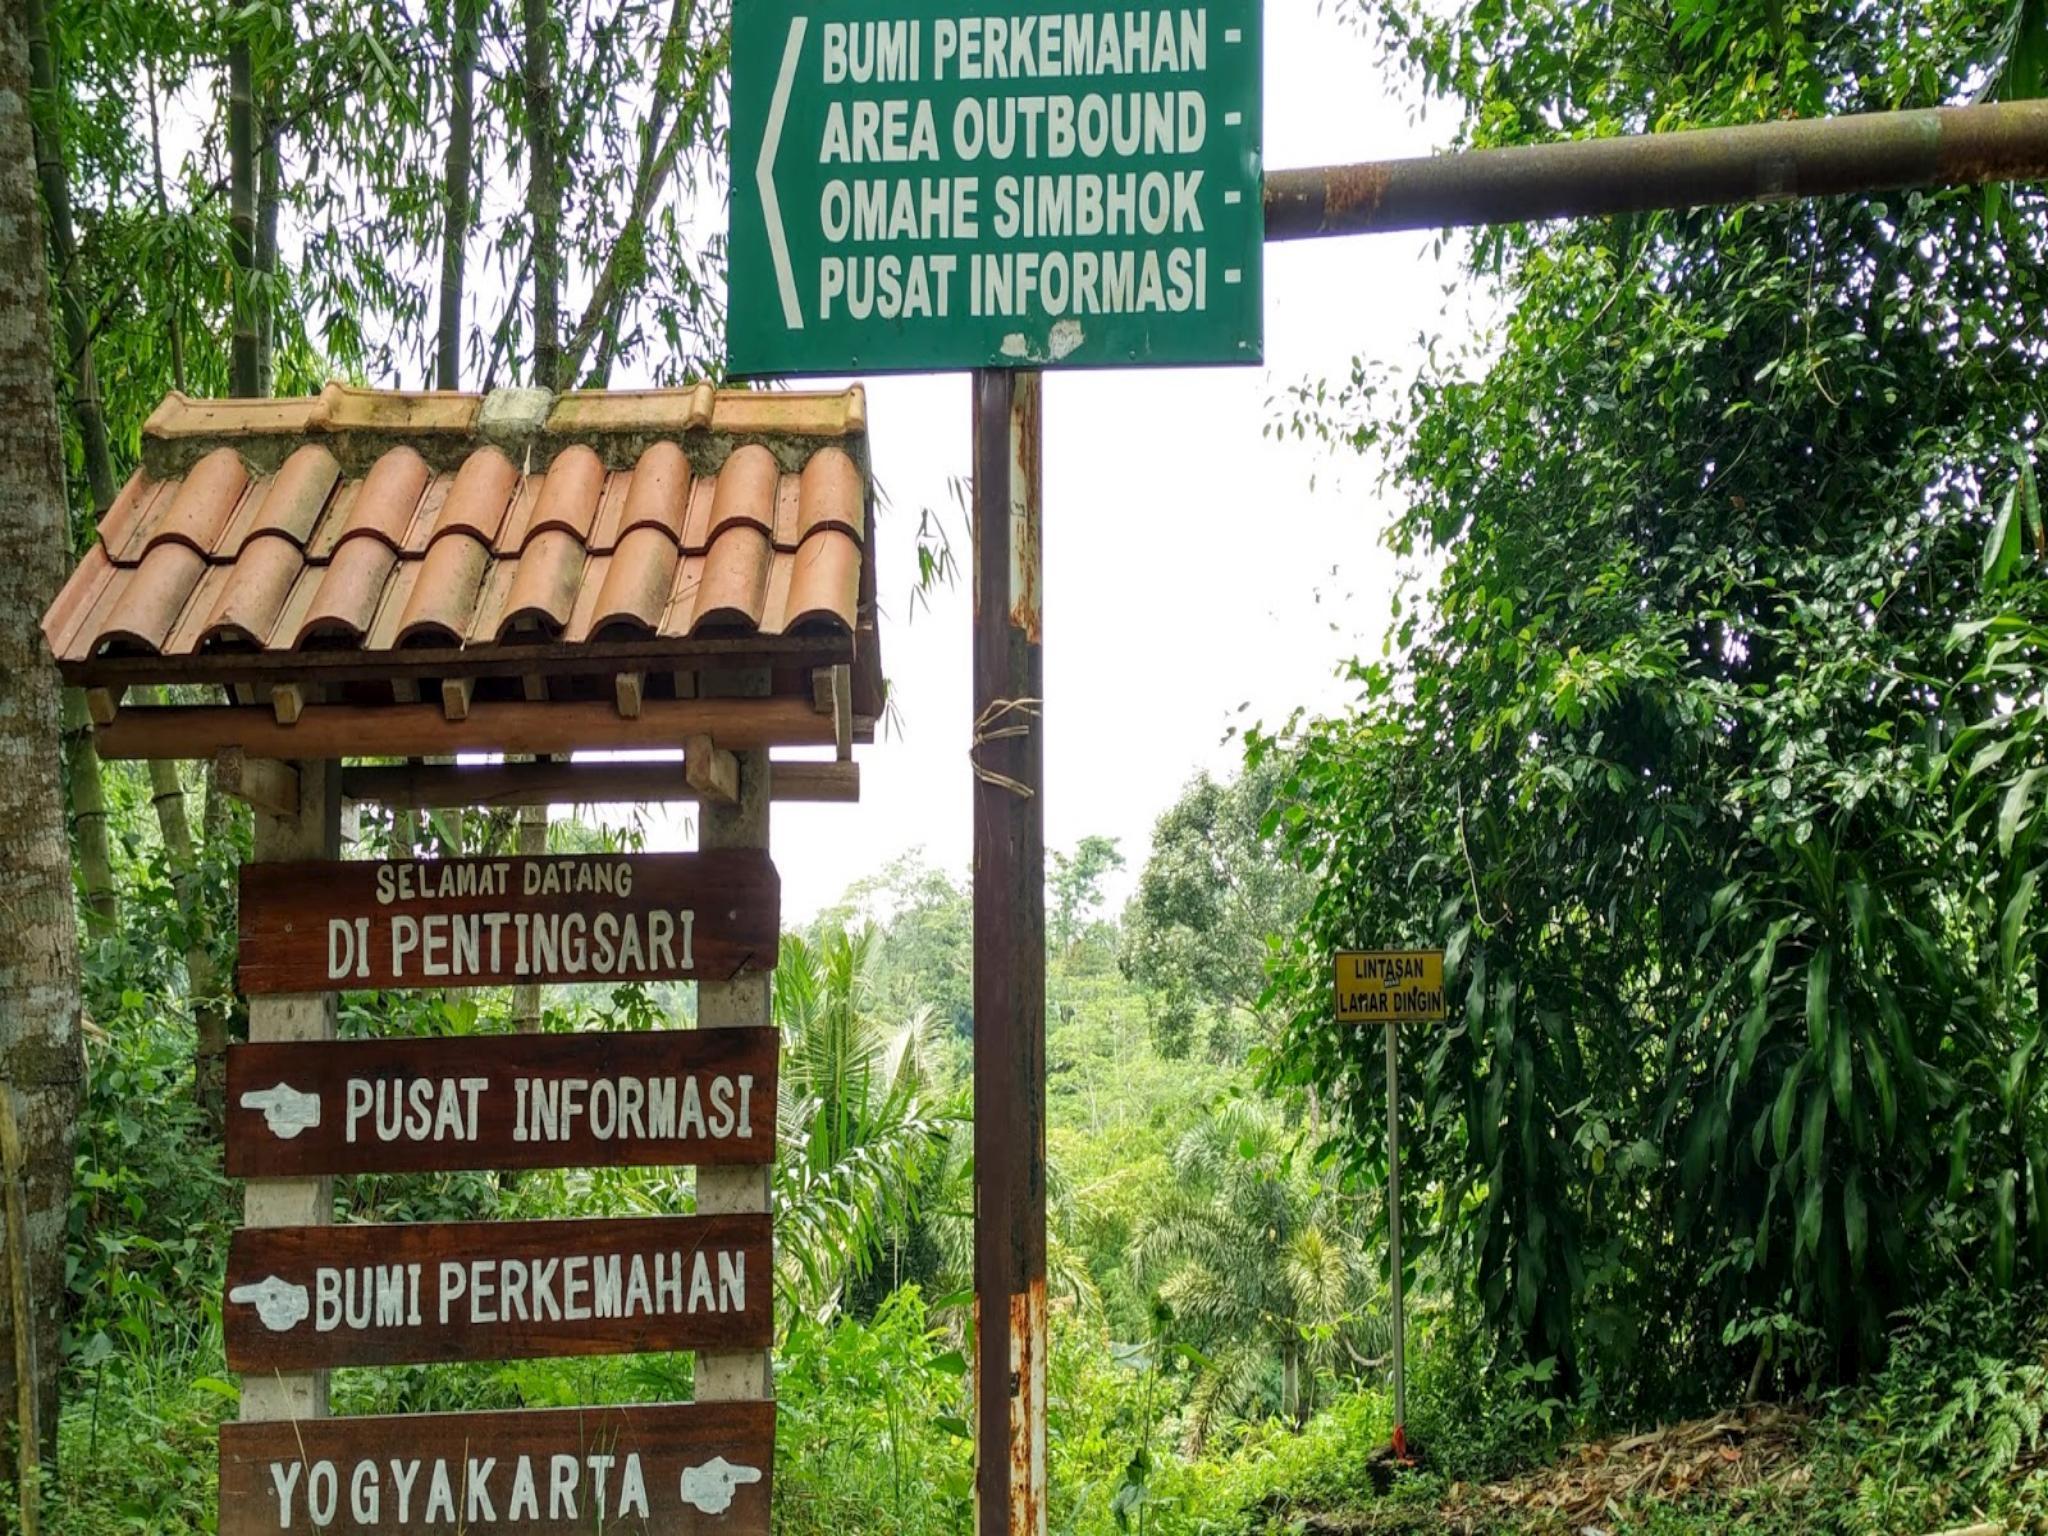 Desa Wisata Pentingsari 2BR House 8 Fullboard